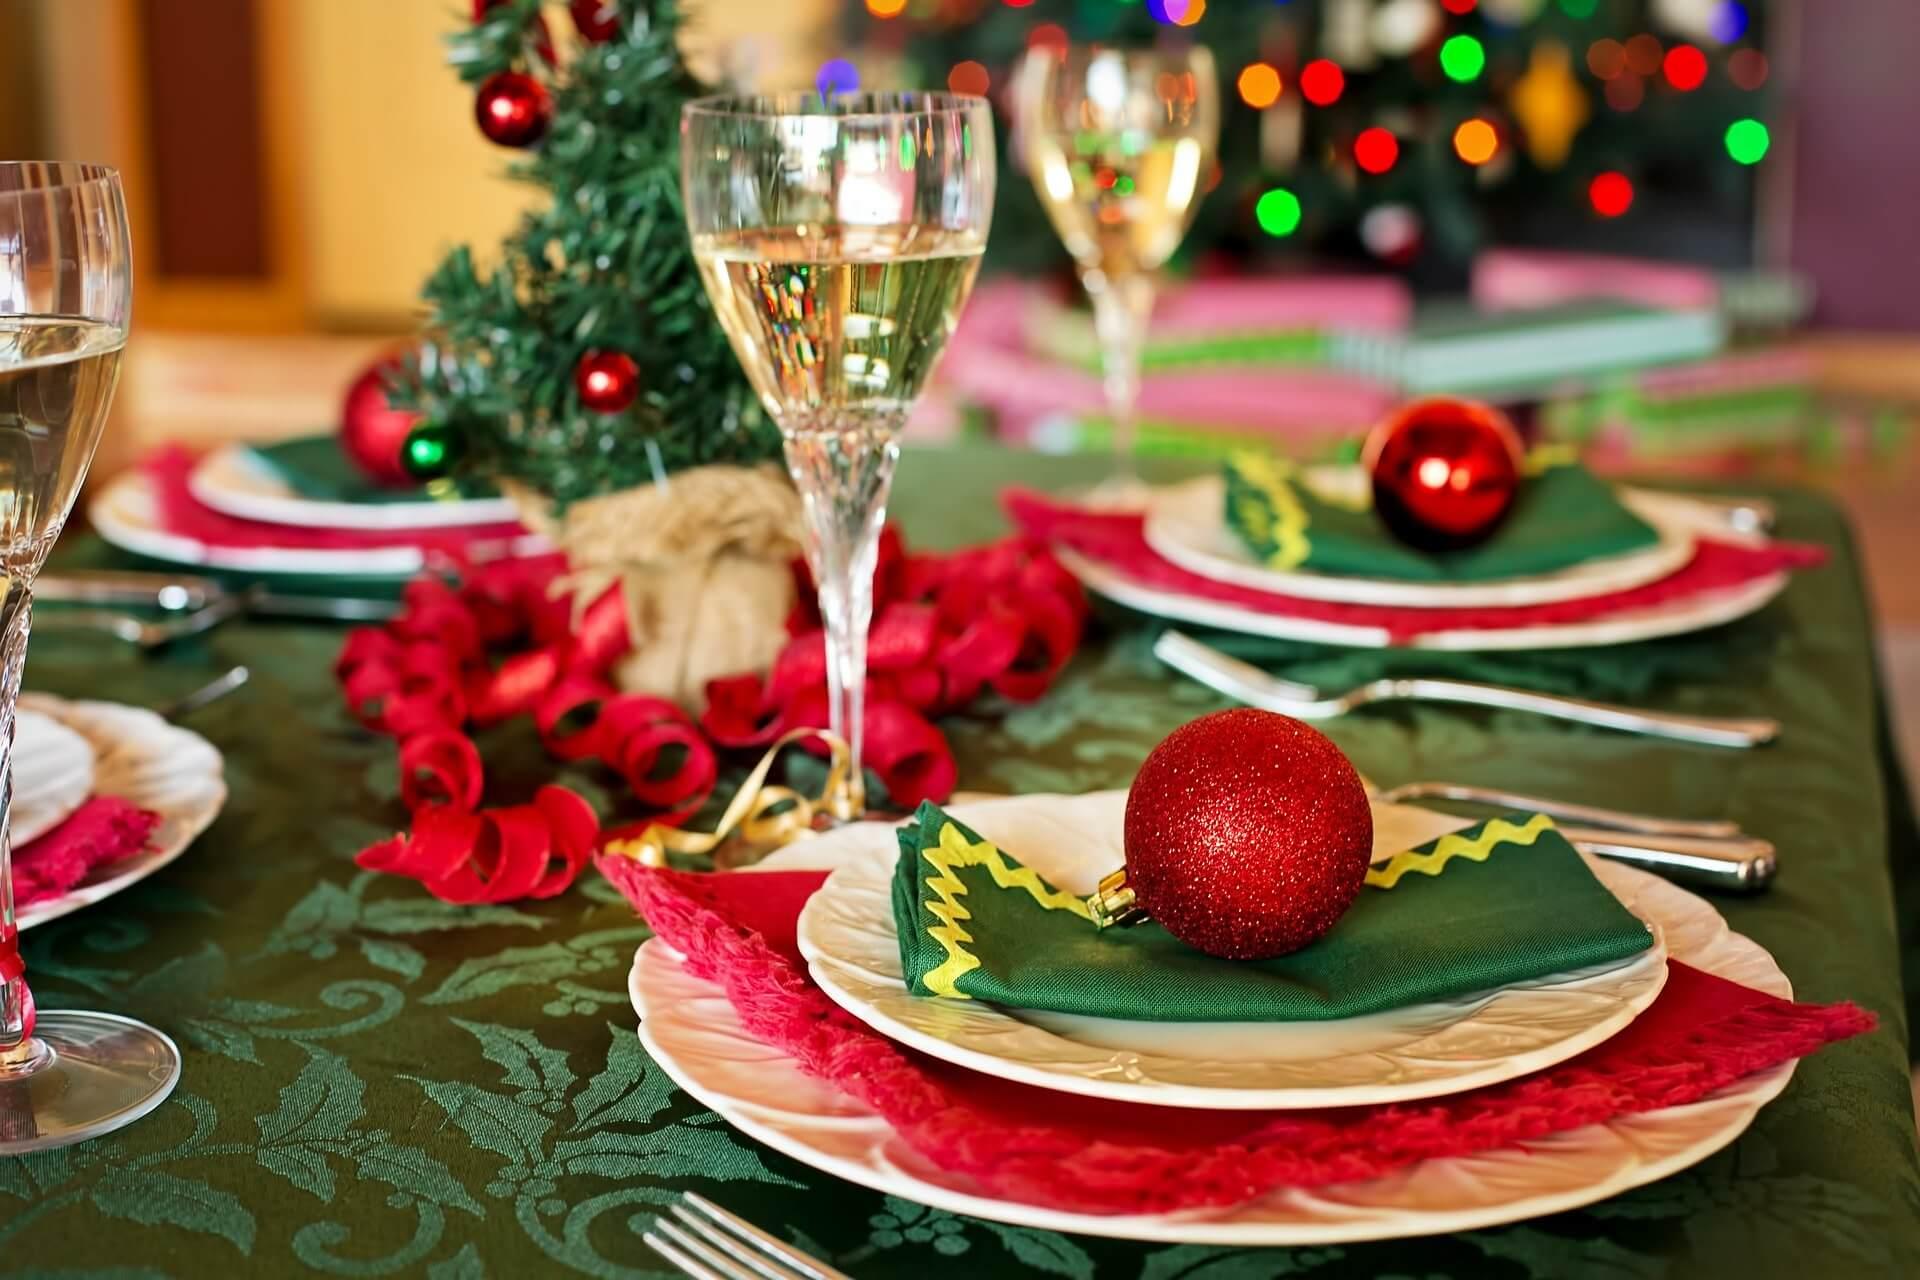 Natale senza sensi di colpa, dall'antipasto al dolce: ecco il menu che non fa ingrassare